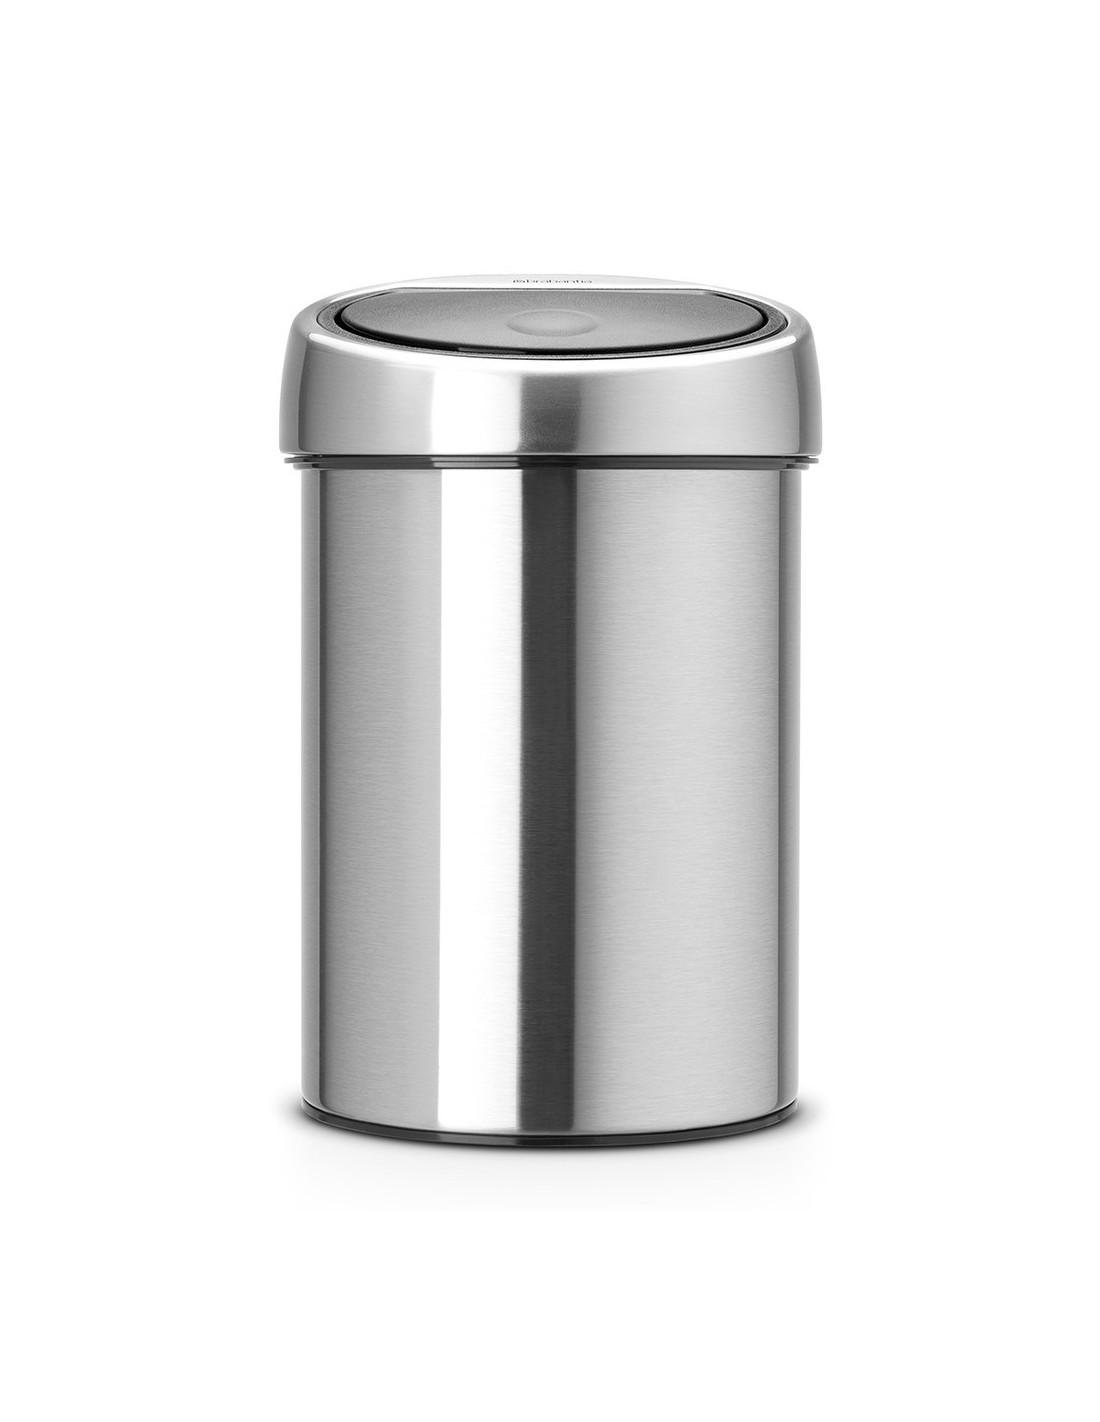 poubelle de salle de bains touch bin 3 litres mat steel. Black Bedroom Furniture Sets. Home Design Ideas